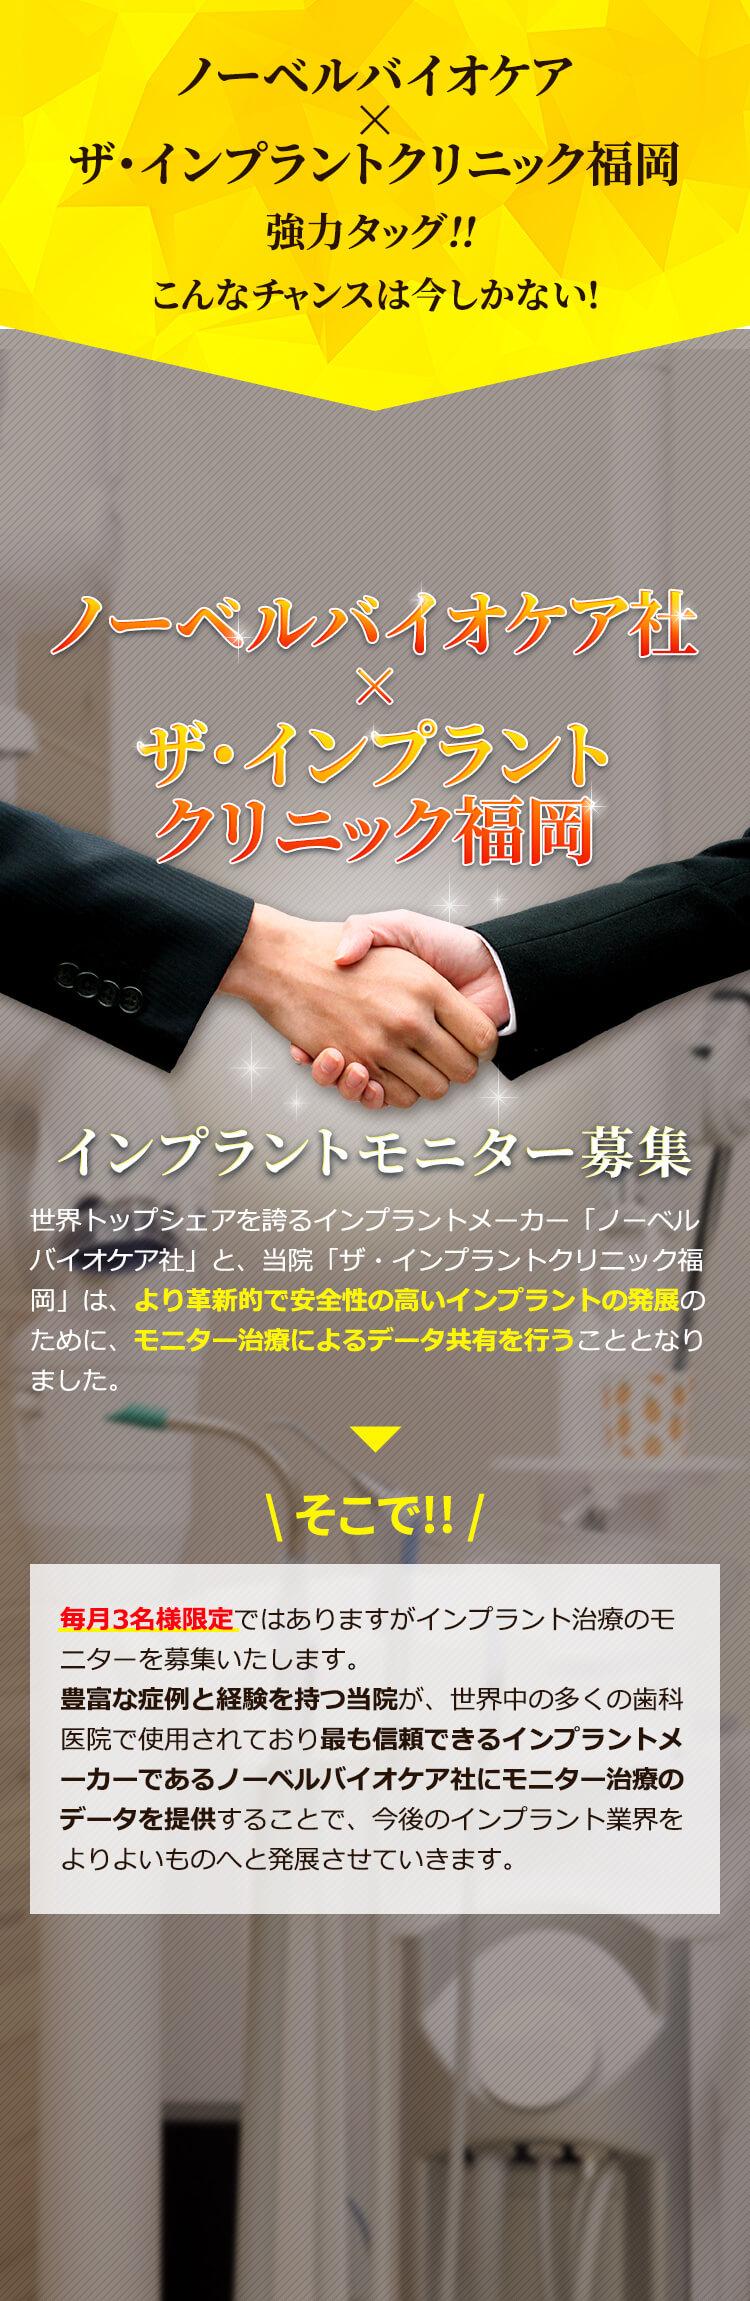 ノーベルバイオケア×ザ・インプラントクリニック福岡強力タッグ!!